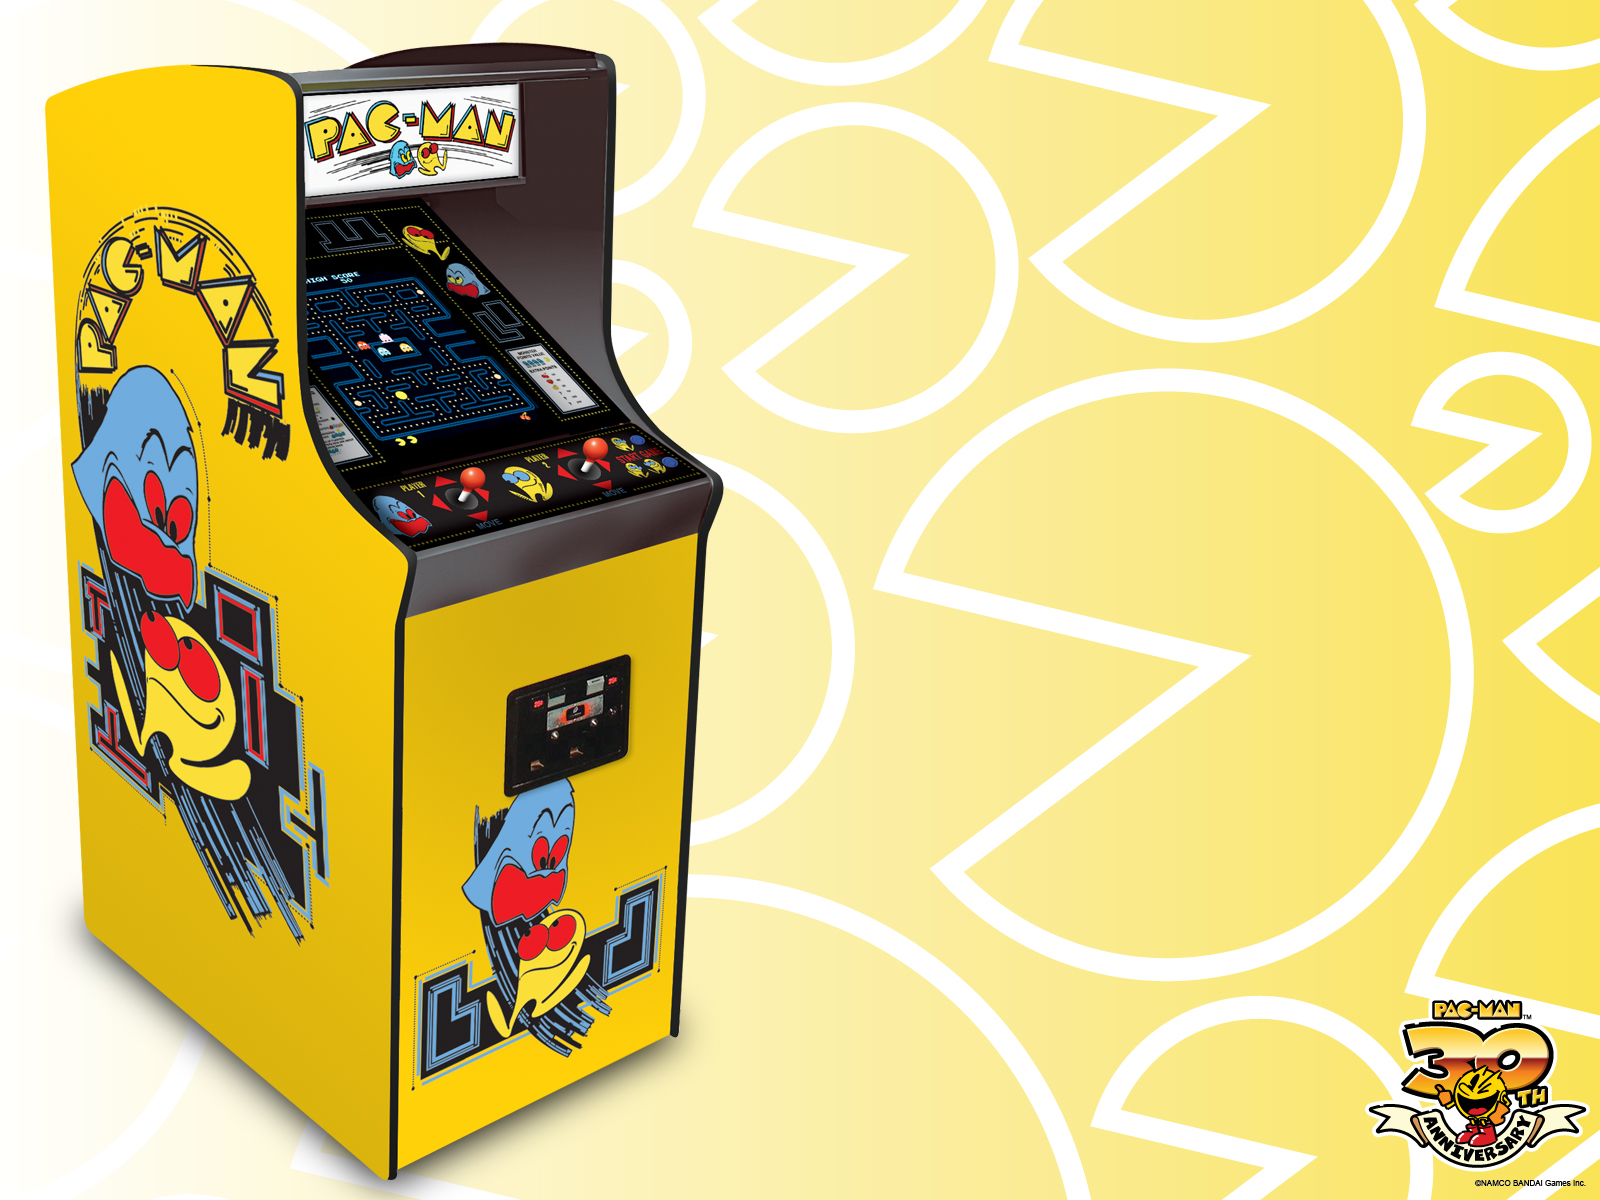 pac man wallpaper arcade classic downloads pac man official